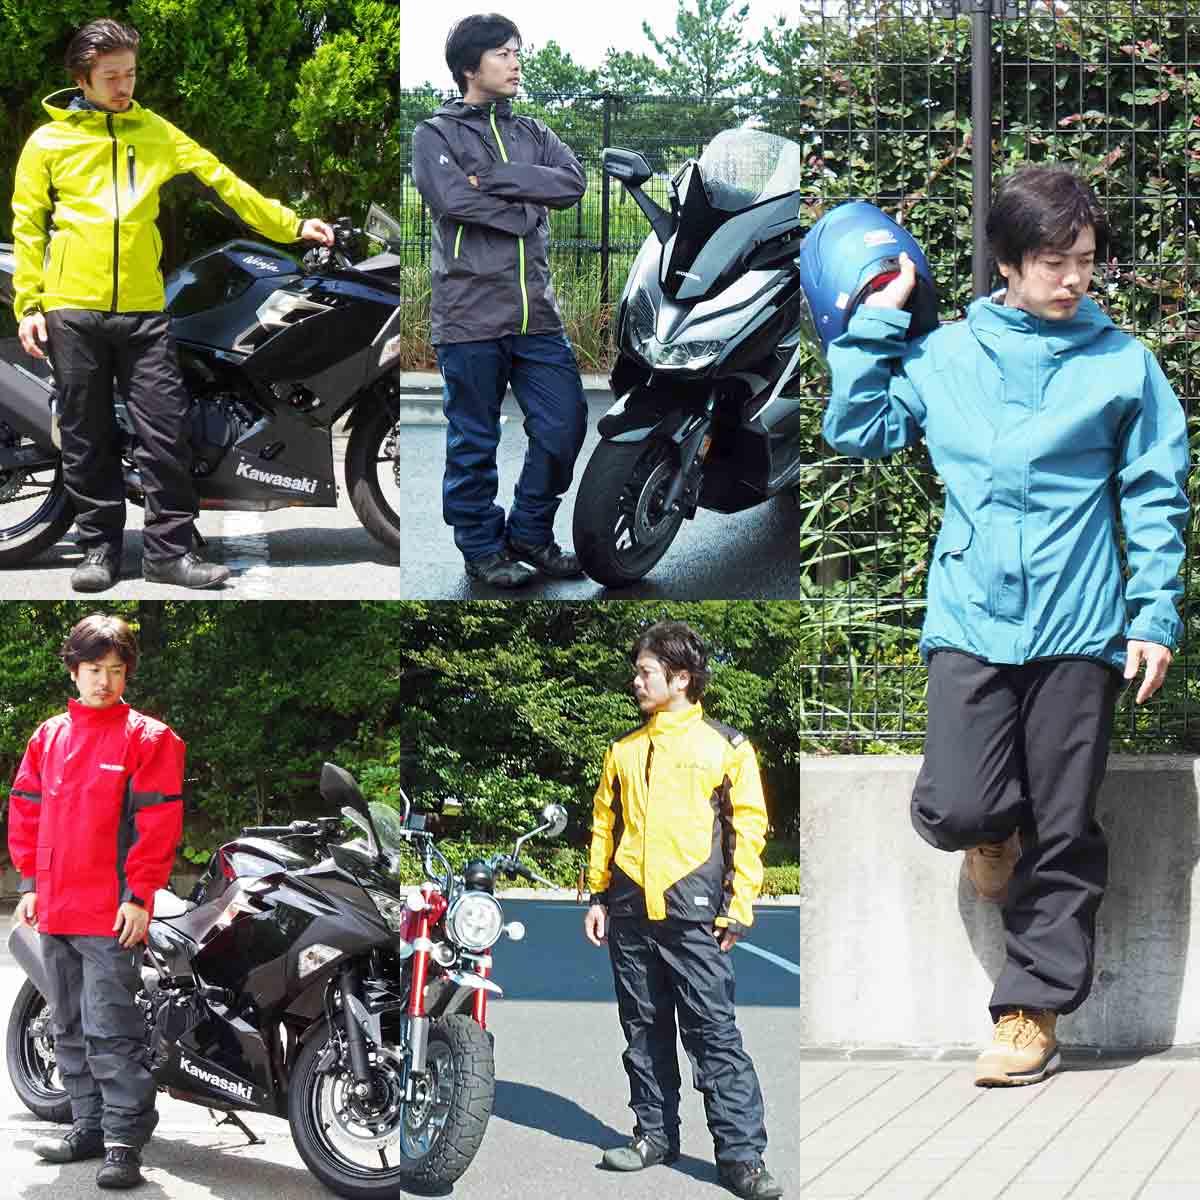 バイク乗りに最適なレインウェア5選! メーカーイチ推しアイテムをすべて試着して大調査